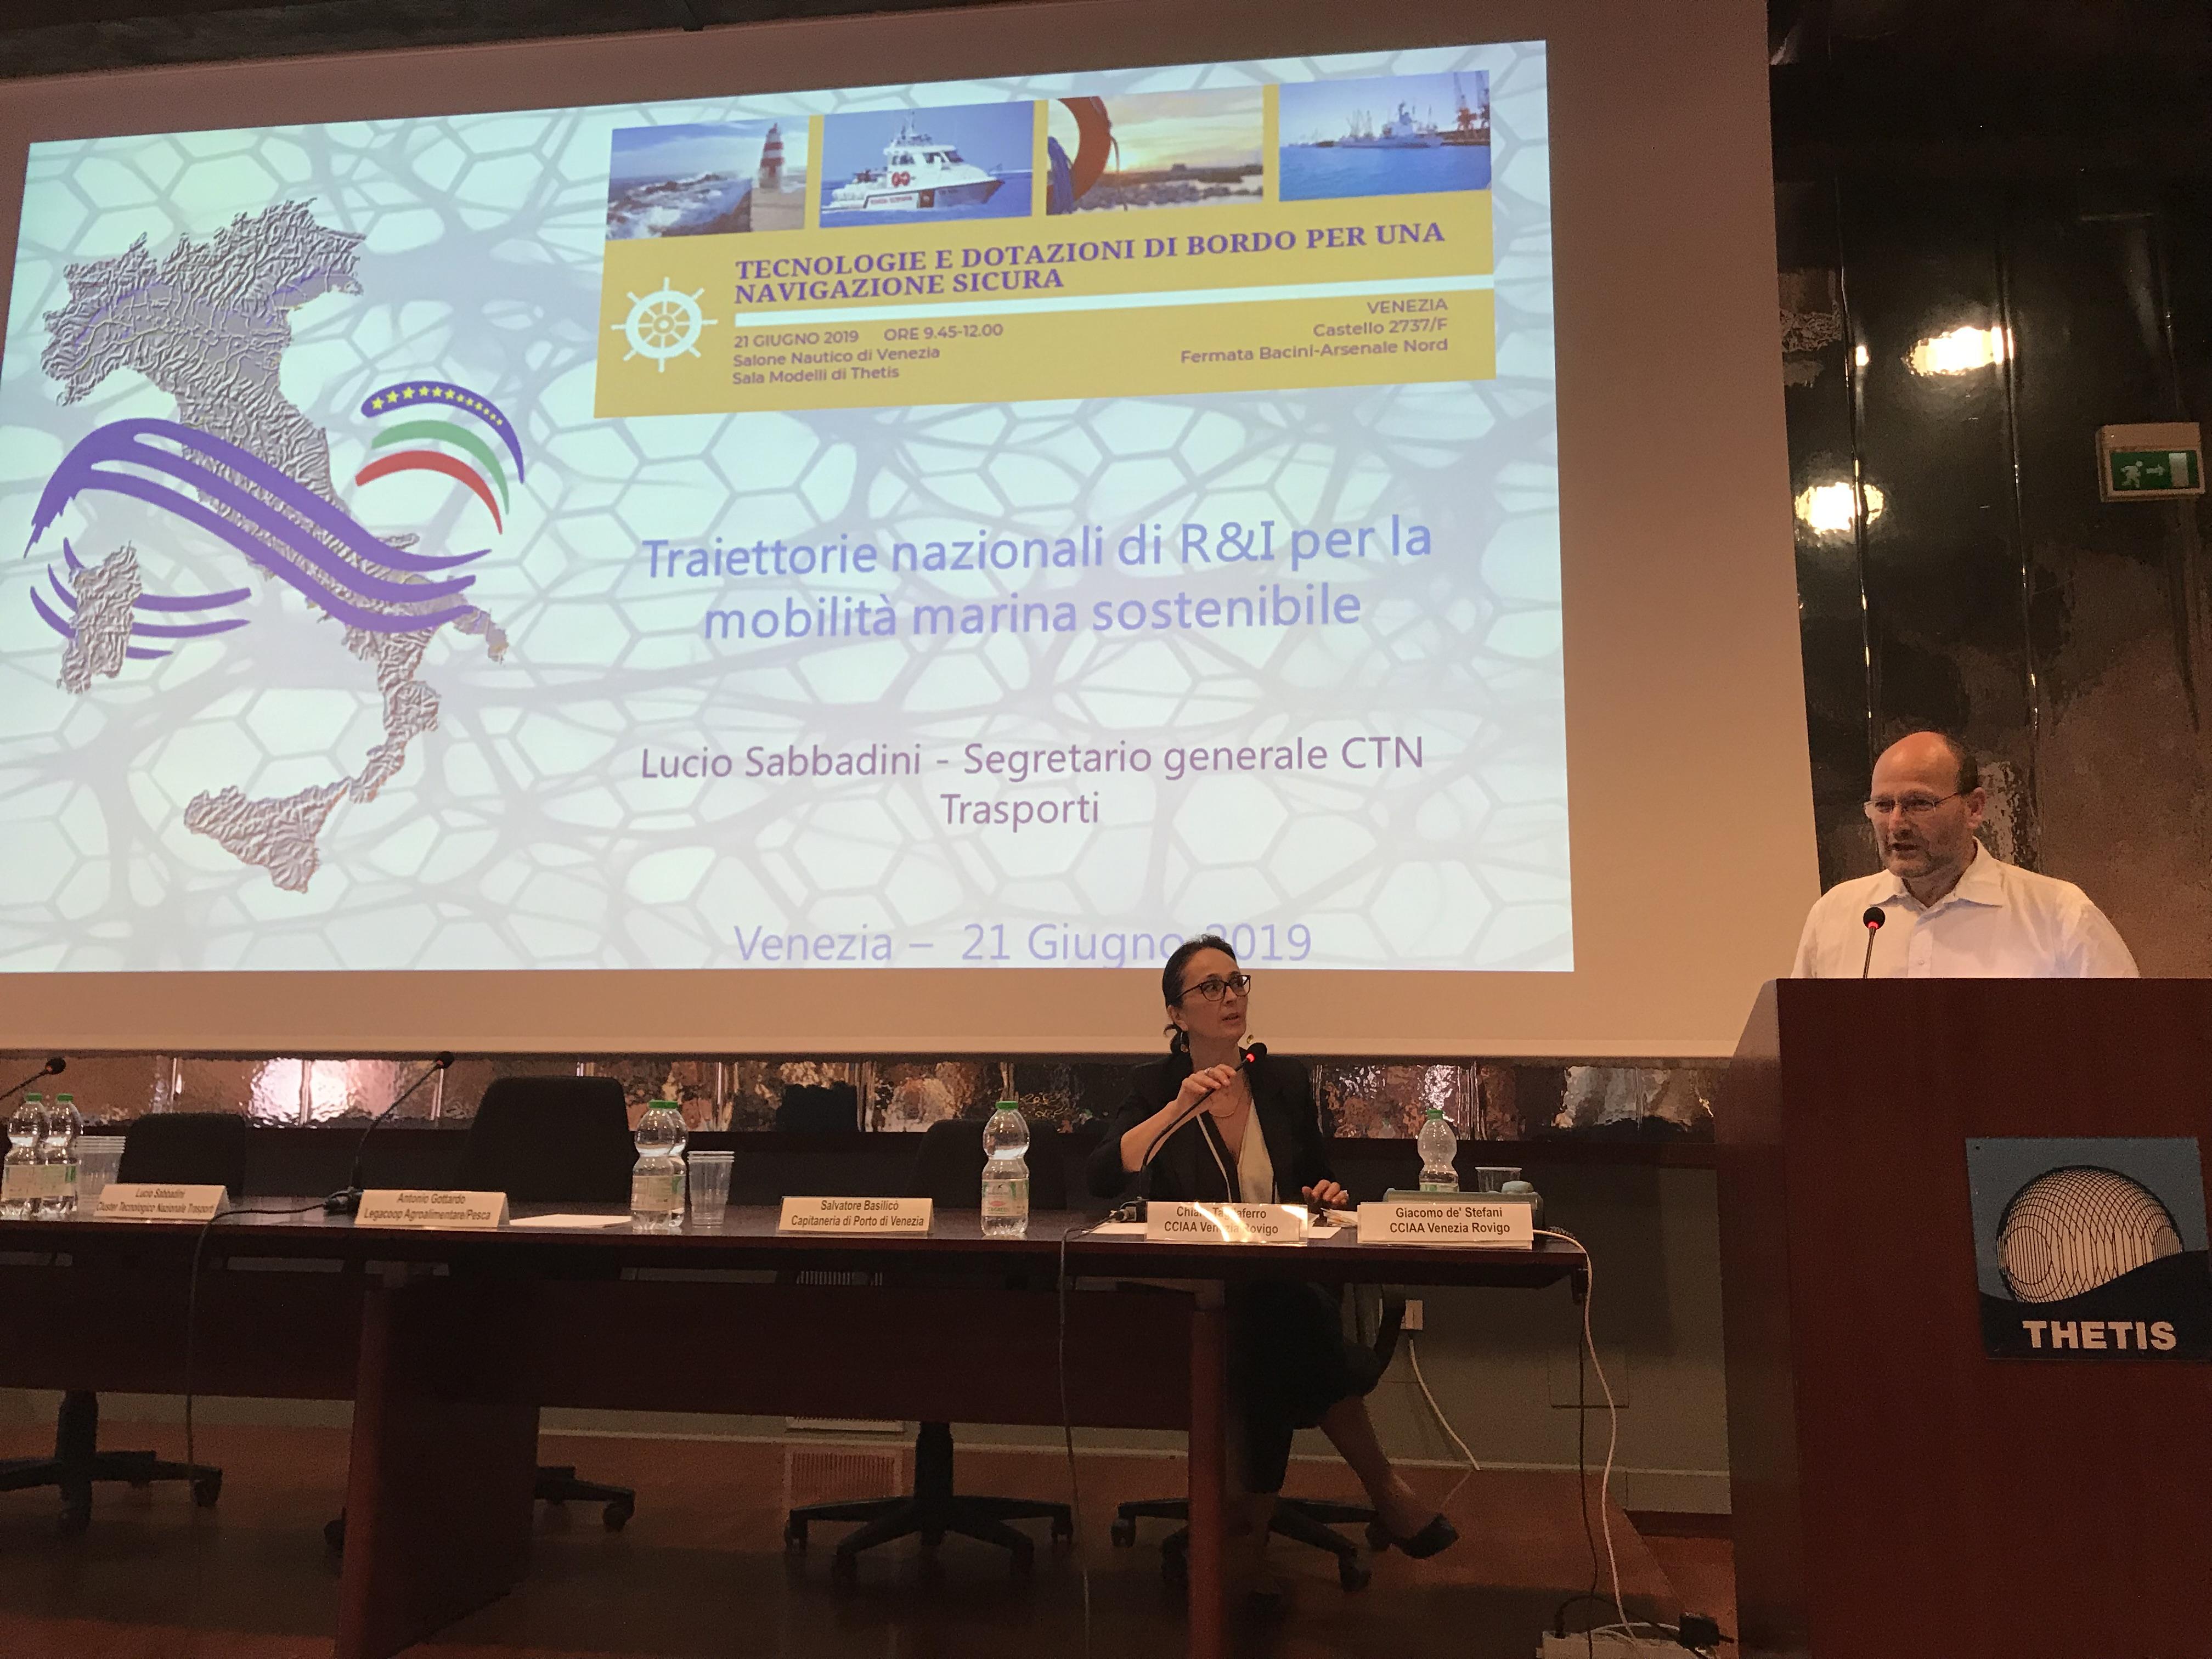 Cluster al Salone Nautico di Venezia traccia la roadmap per lo sviluppo del segmento marittimo